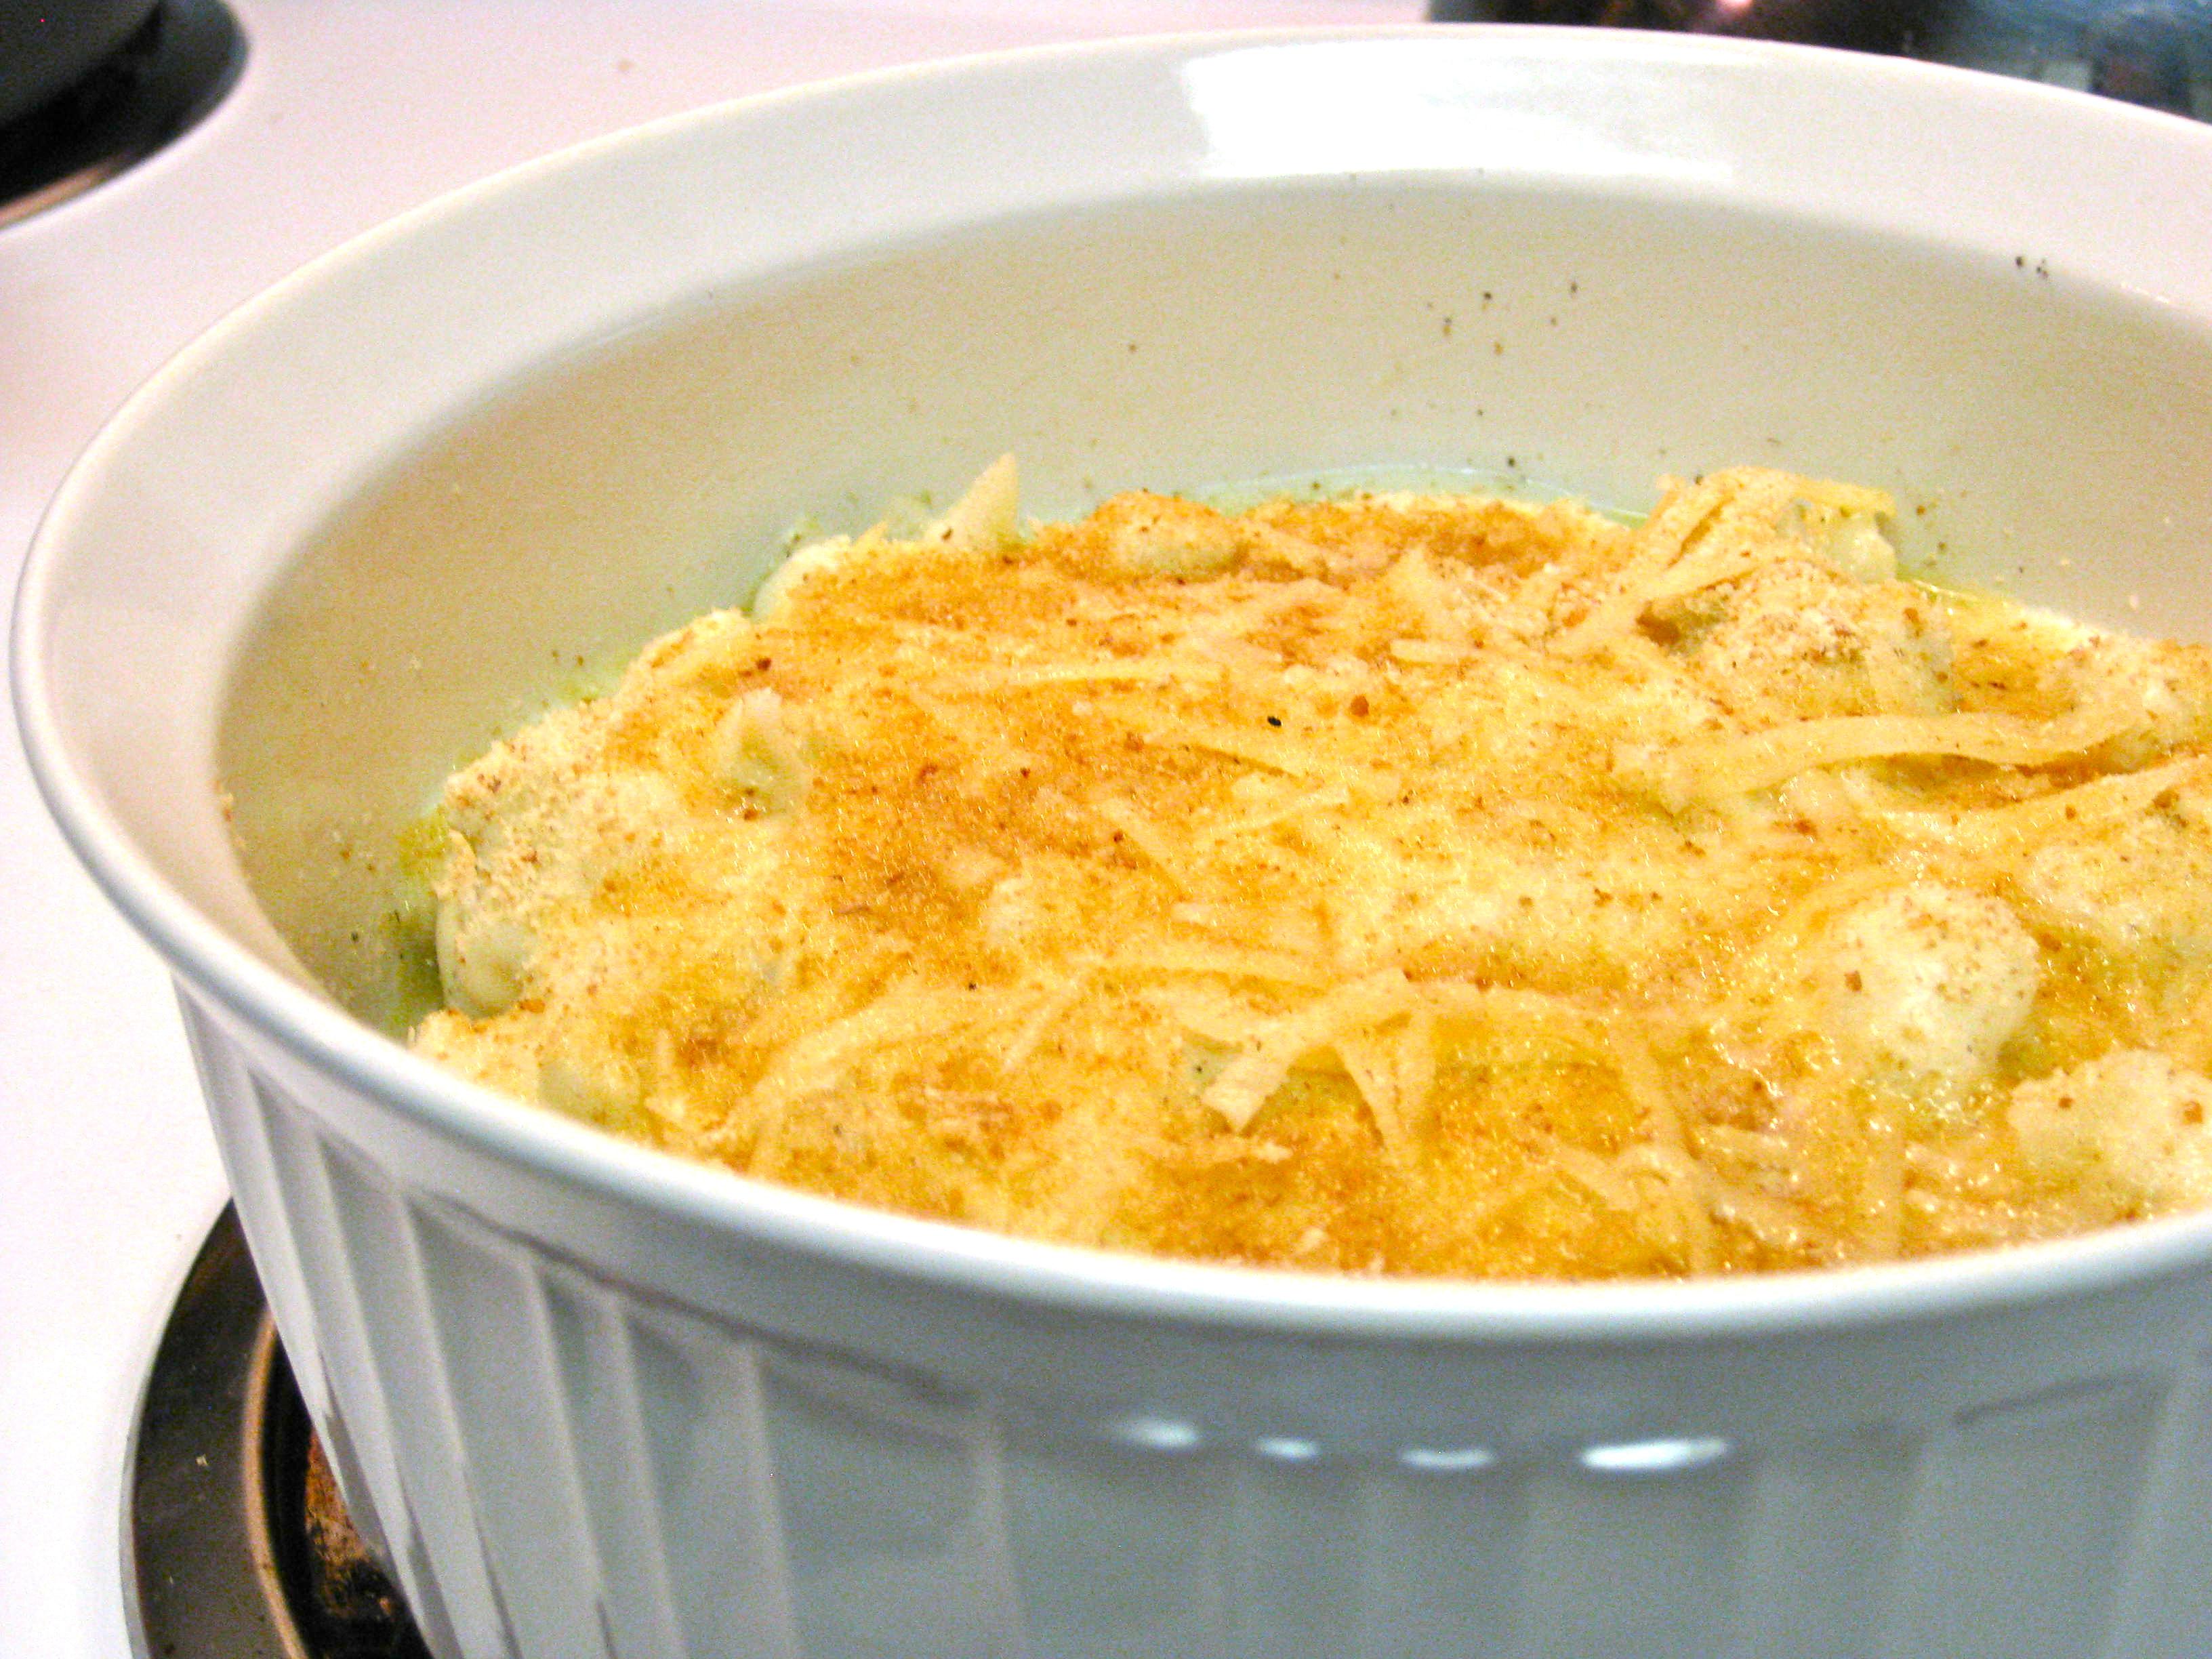 Cauliflower au gratin | My Baker's Dozen